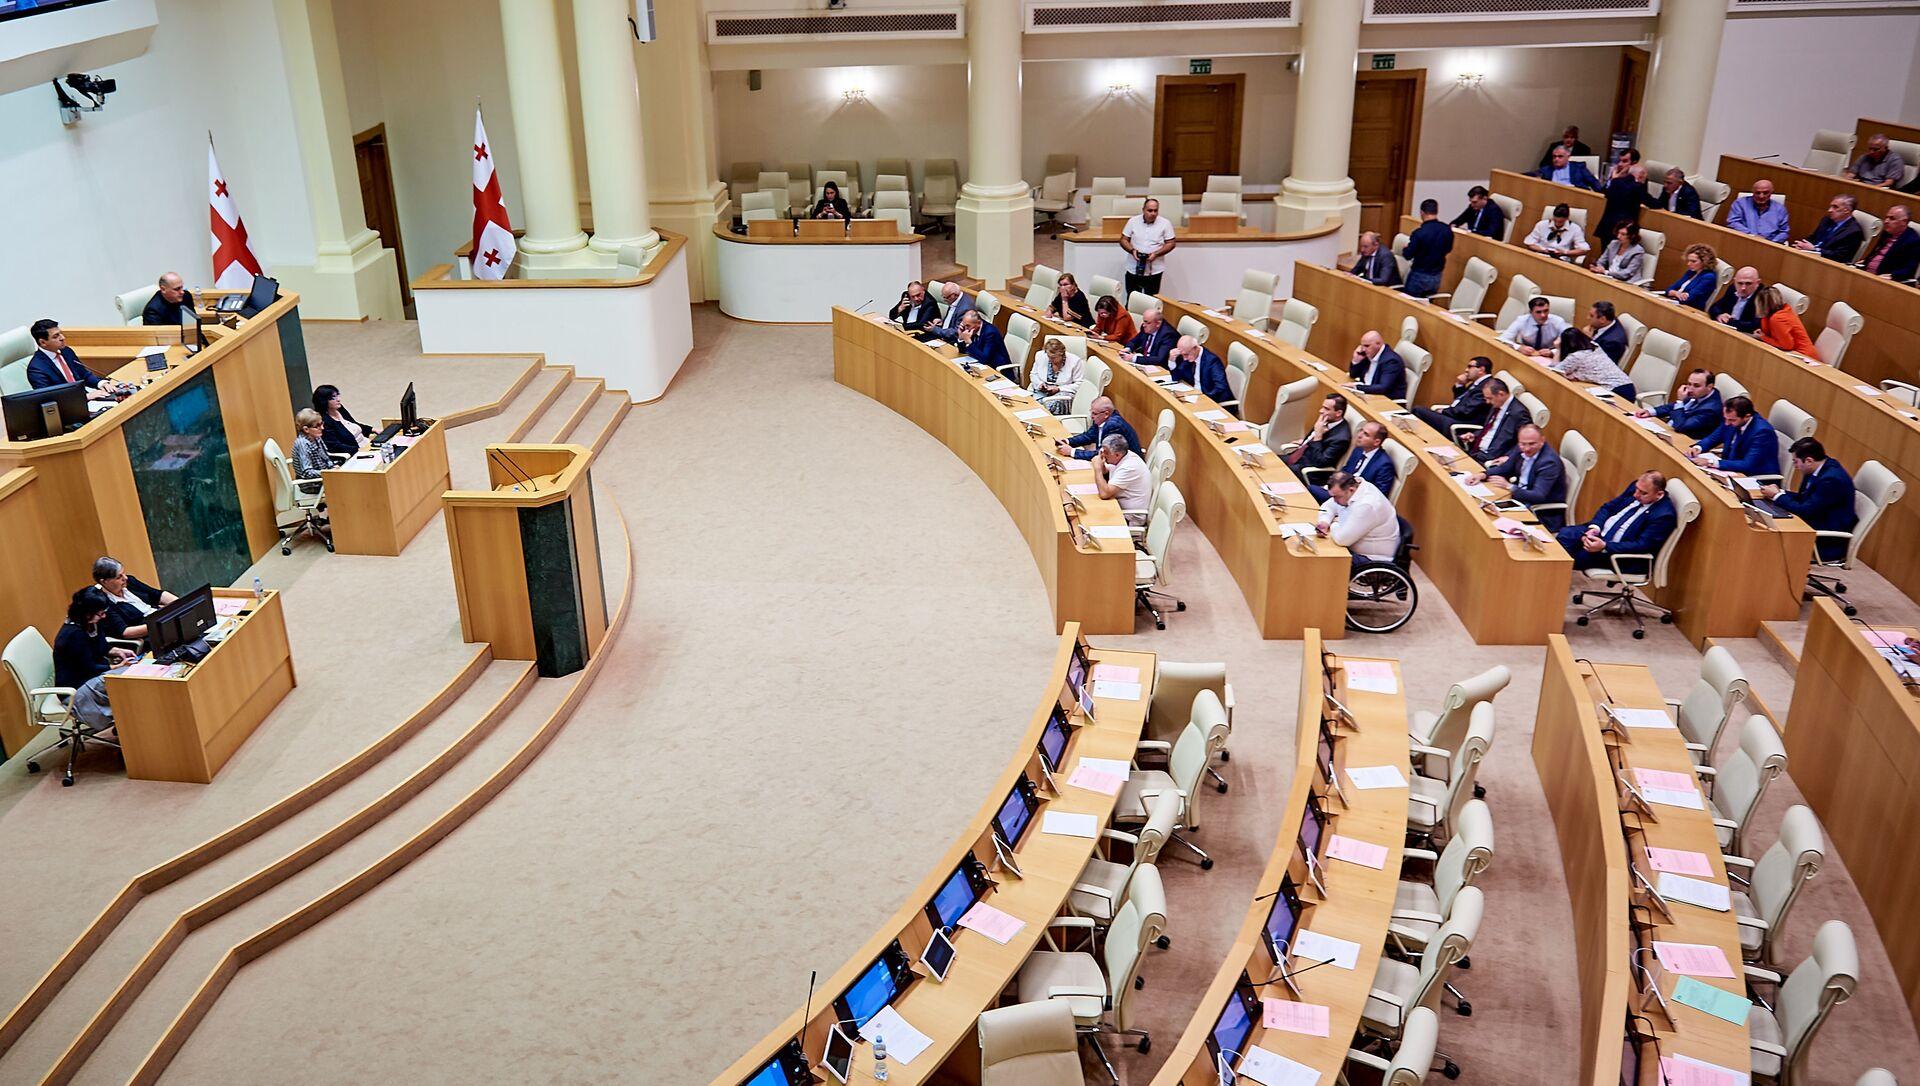 Заседание парламента Грузии. Депутаты - Sputnik Грузия, 1920, 01.02.2021